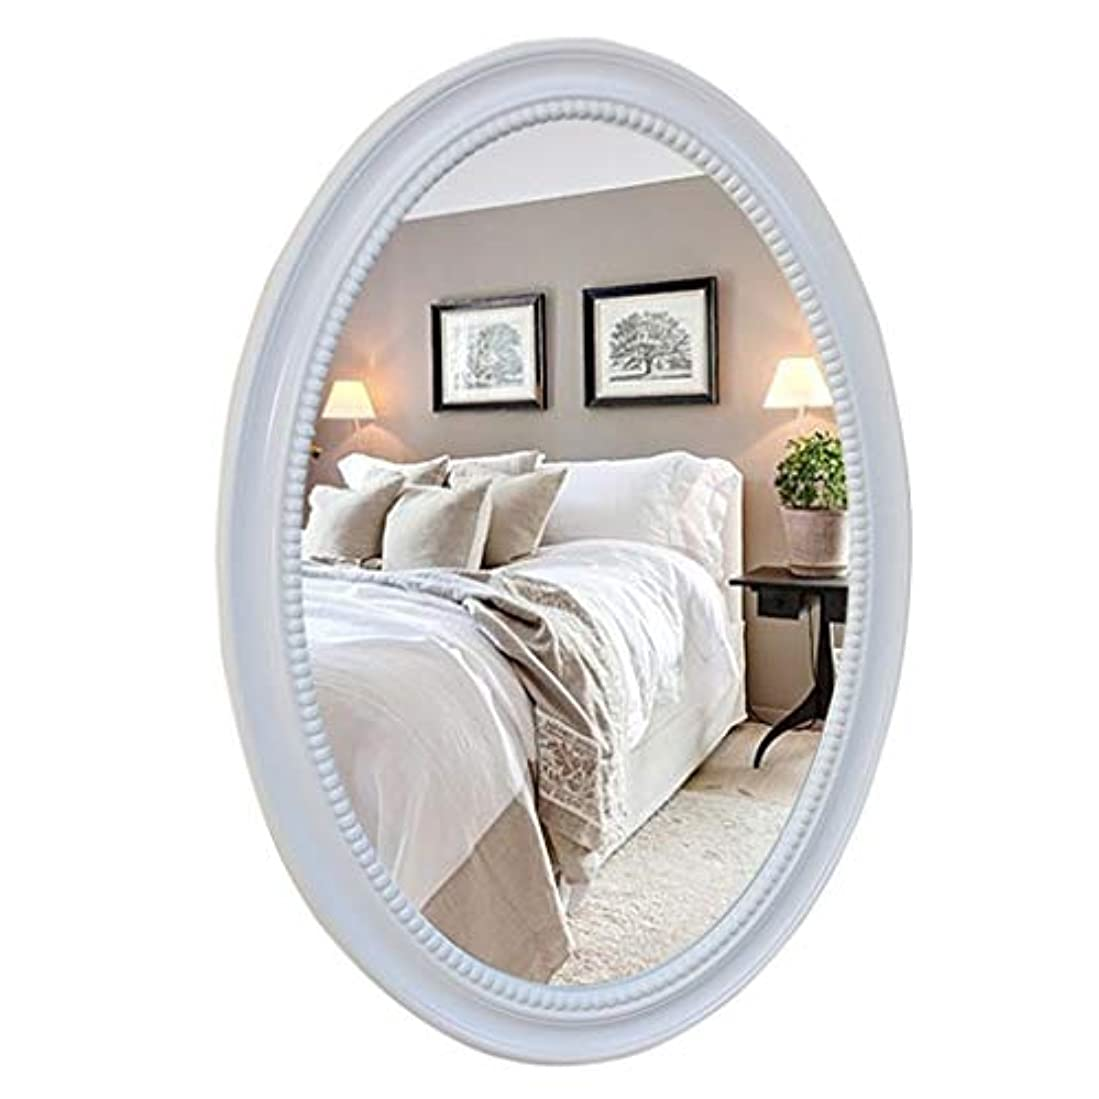 自分の力ですべてをするどこにも義務オーバルウォールミラーバスルーム化粧ドレッシングミラー装飾的な剃毛アイアンミラー大型虚栄心アパートリビングルーム寝室の出入り口木製フレーム